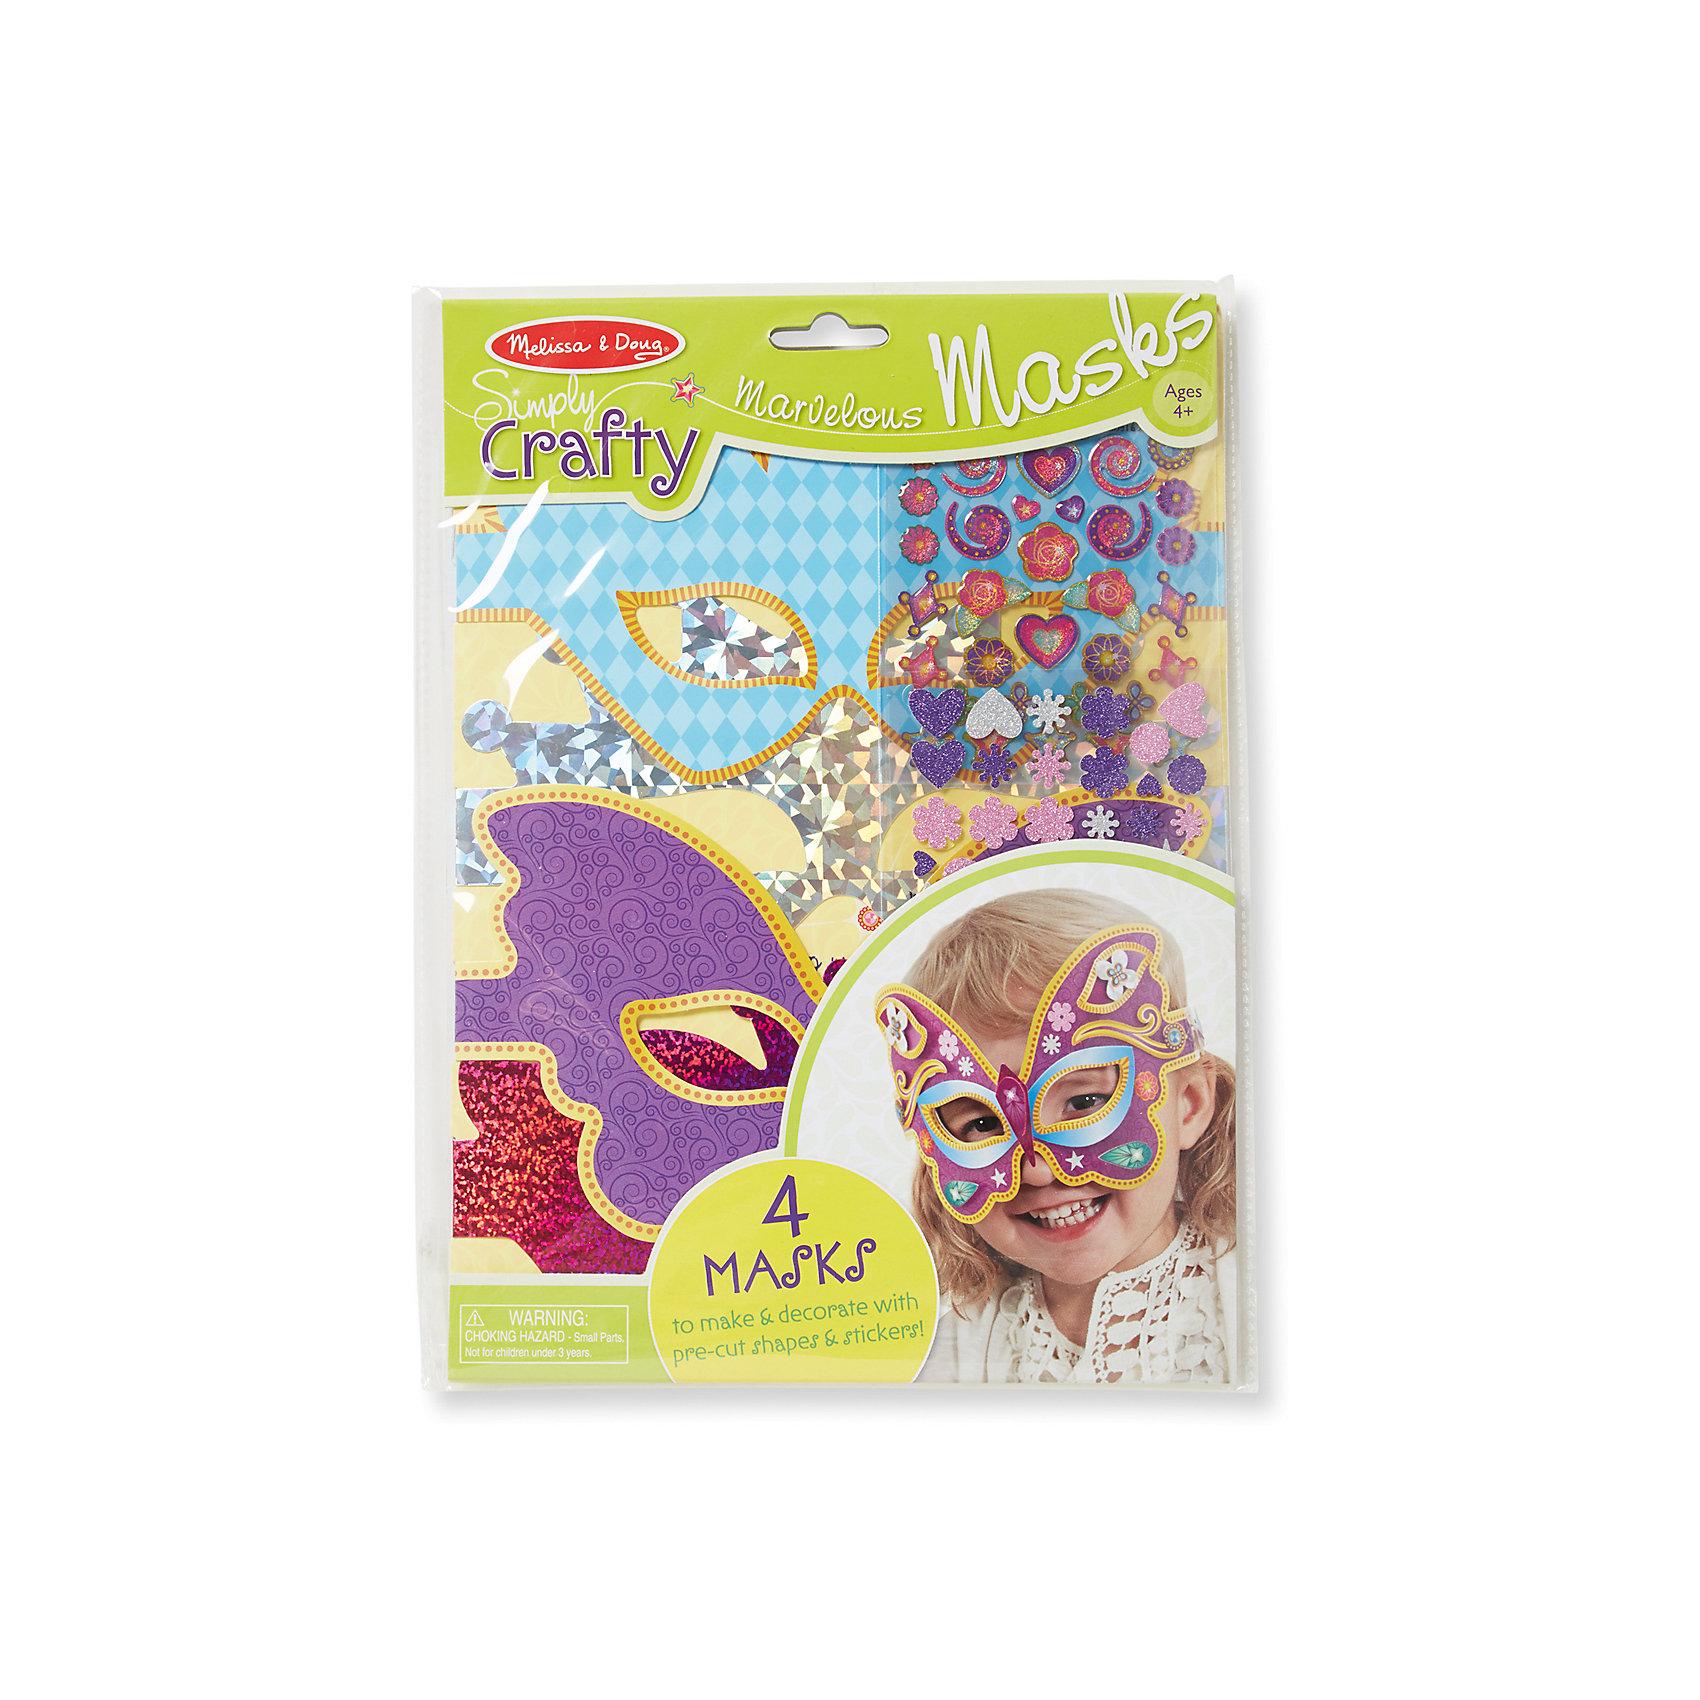 Набор для создания масок Великолепные маскиРукоделие<br>Благодаря набору «Великолепные маски» малышка почувствует себя настоящей принцессой! Комплект поможет развить фантазию ребенка, с помощью объемных стикеров, можно создать как гламурную карнавальную маску, так и самую очаровательную. <br><br>Дополнительная информация:<br><br>-Комплектация: 4 маски, стикеры.<br>-Размер упаковки: 22х1х29 см<br>-Вес в упаковке: 113 г<br><br>Этот творческий набор замечательно развивает художественные навыки, стиль, фантазию, воображение и мелкую моторику рук. <br><br>Набор для создания масок Великолепные маски можно купить в нашем магазине.<br><br>Ширина мм: 220<br>Глубина мм: 10<br>Высота мм: 290<br>Вес г: 113<br>Возраст от месяцев: 48<br>Возраст до месяцев: 180<br>Пол: Женский<br>Возраст: Детский<br>SKU: 4720645